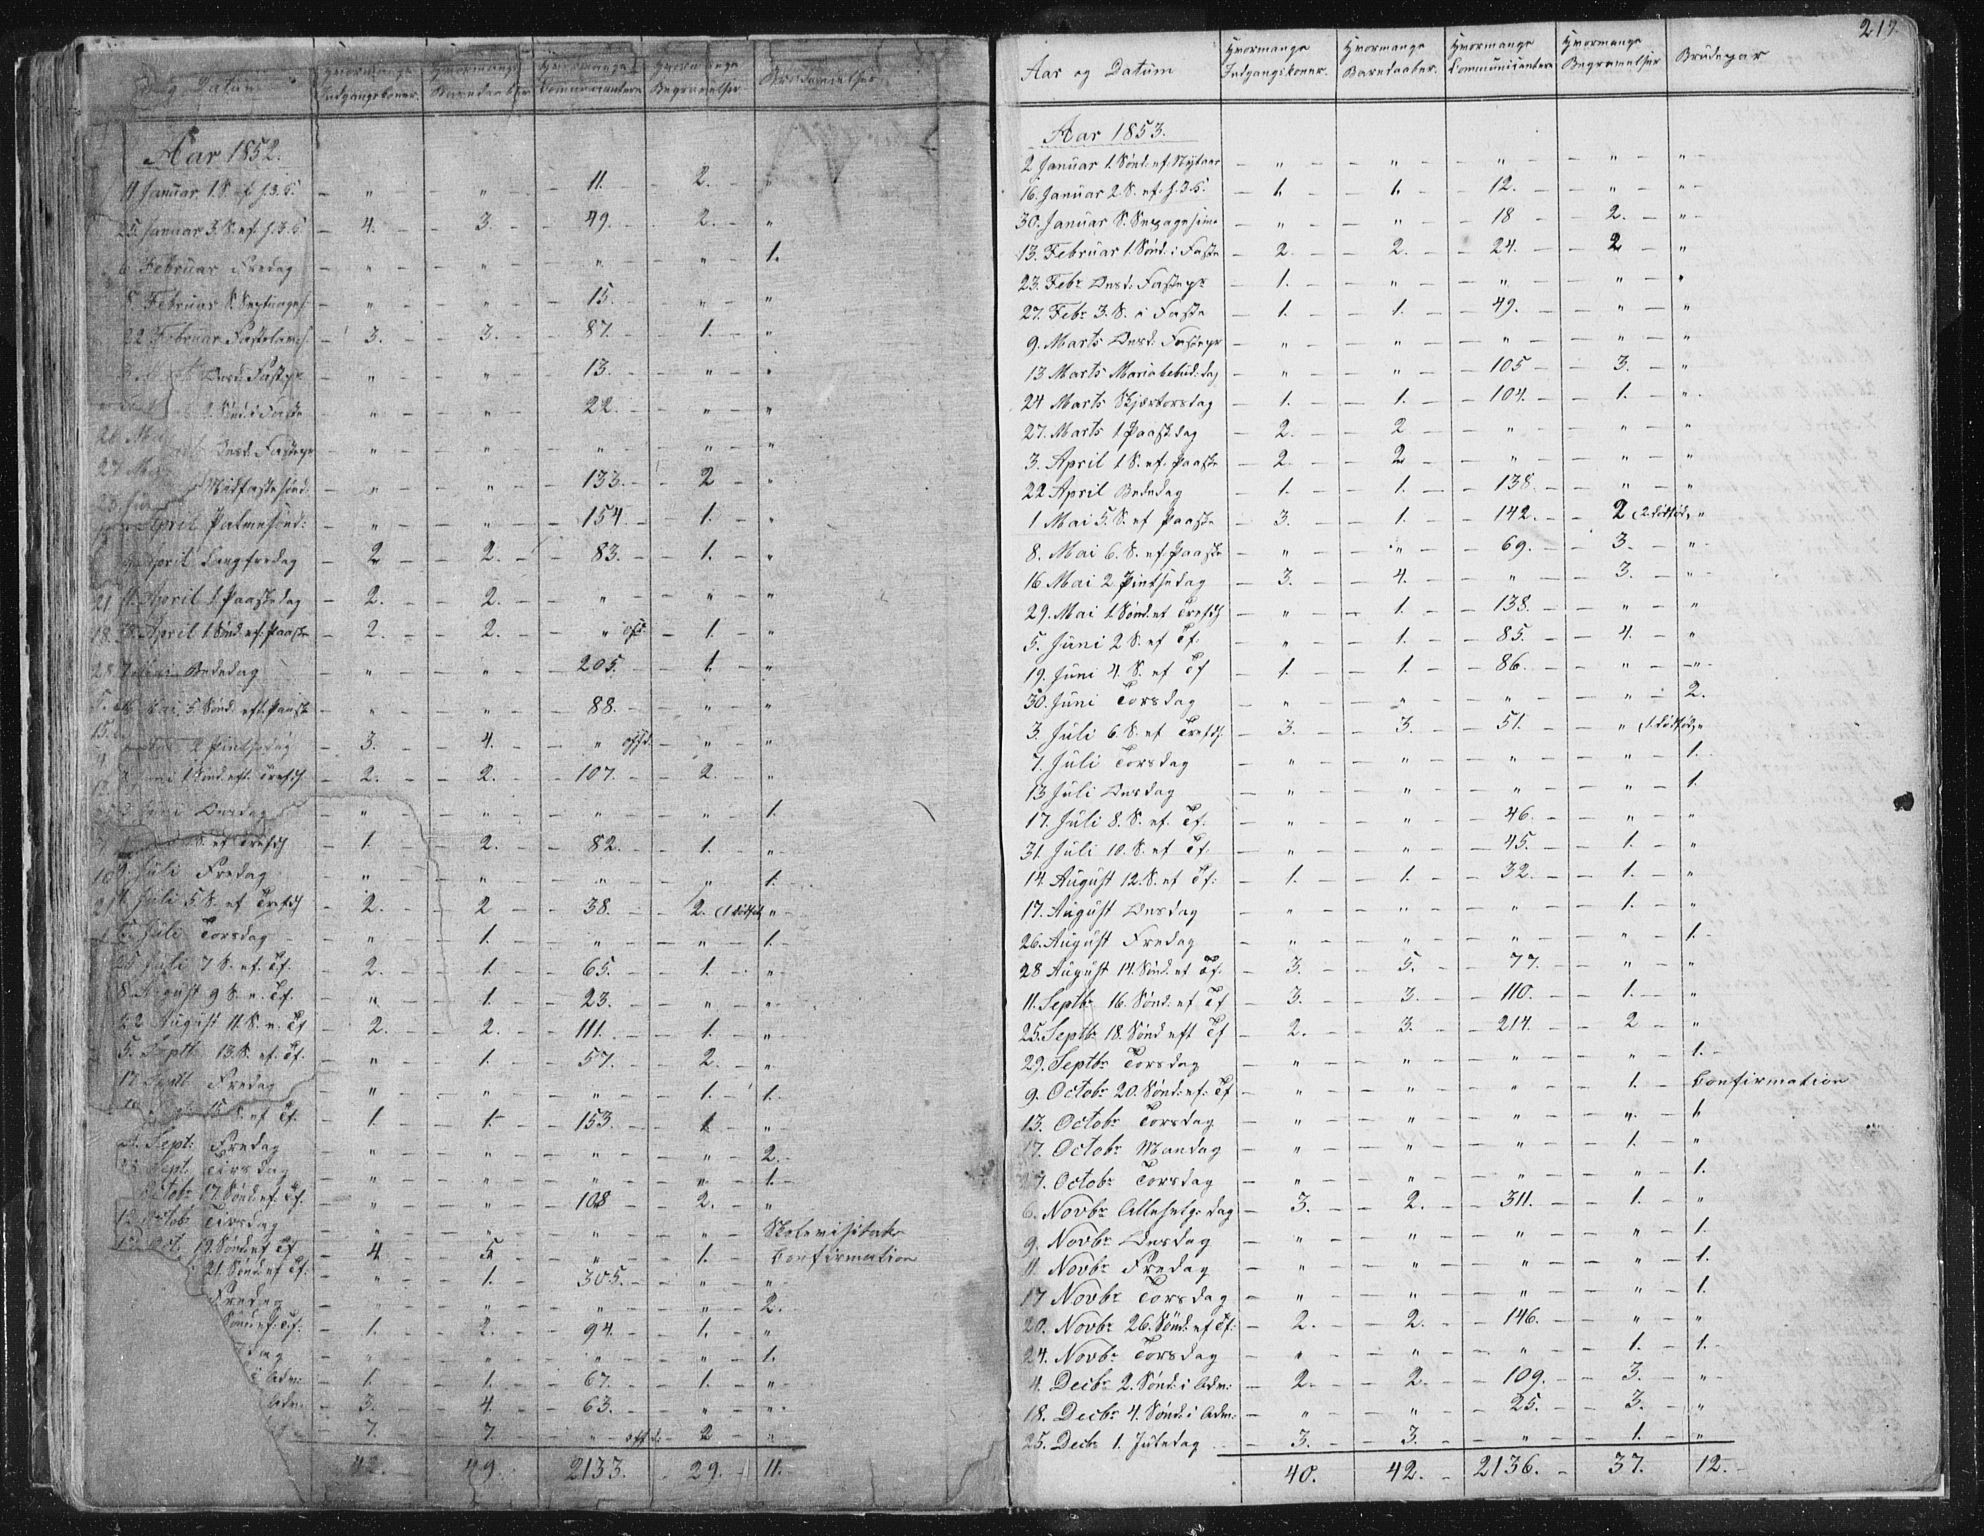 SAT, Ministerialprotokoller, klokkerbøker og fødselsregistre - Sør-Trøndelag, 616/L0406: Ministerialbok nr. 616A03, 1843-1879, s. 219